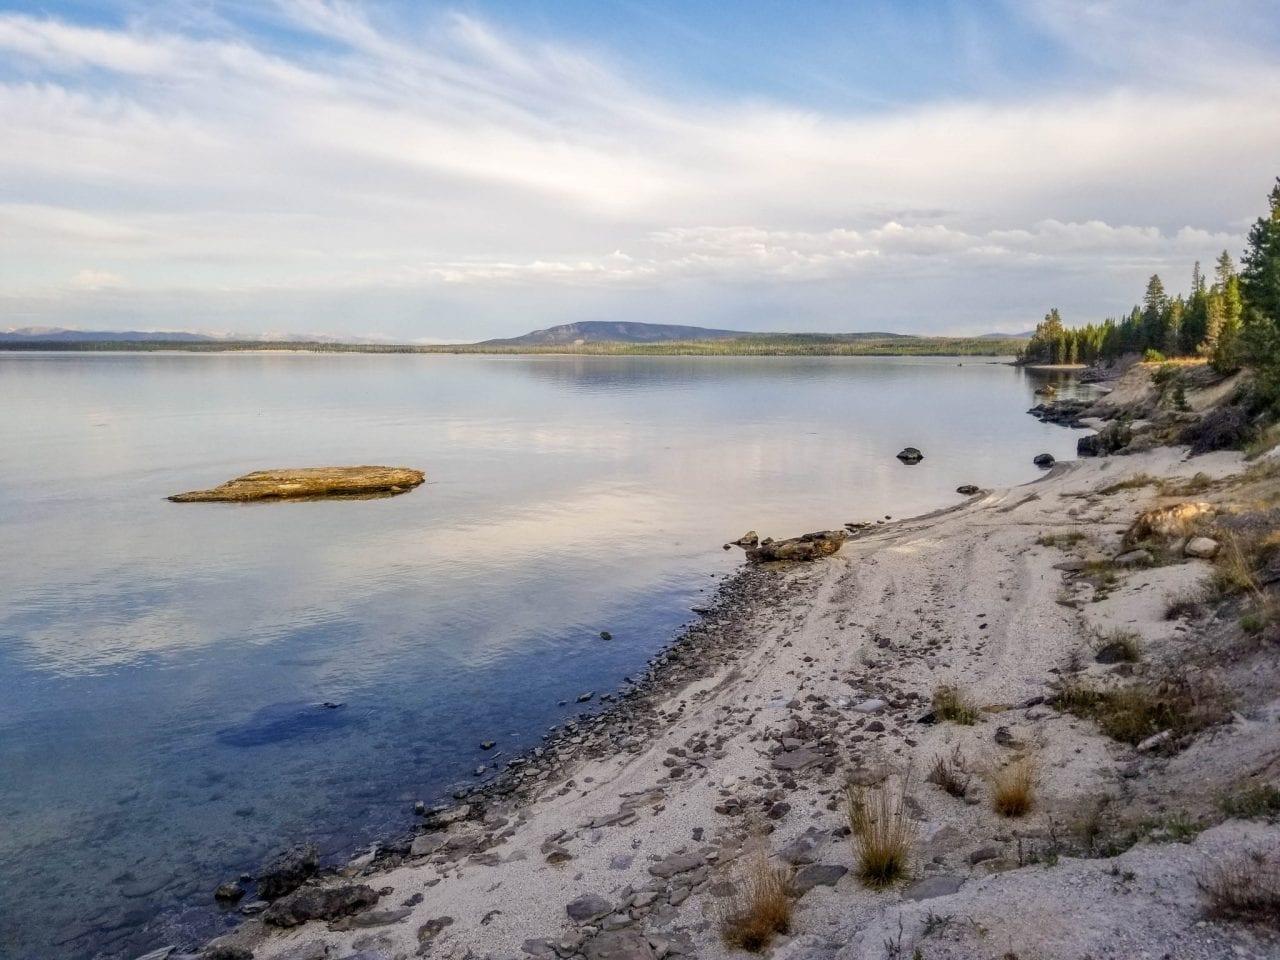 Yellowstone Lakeshore